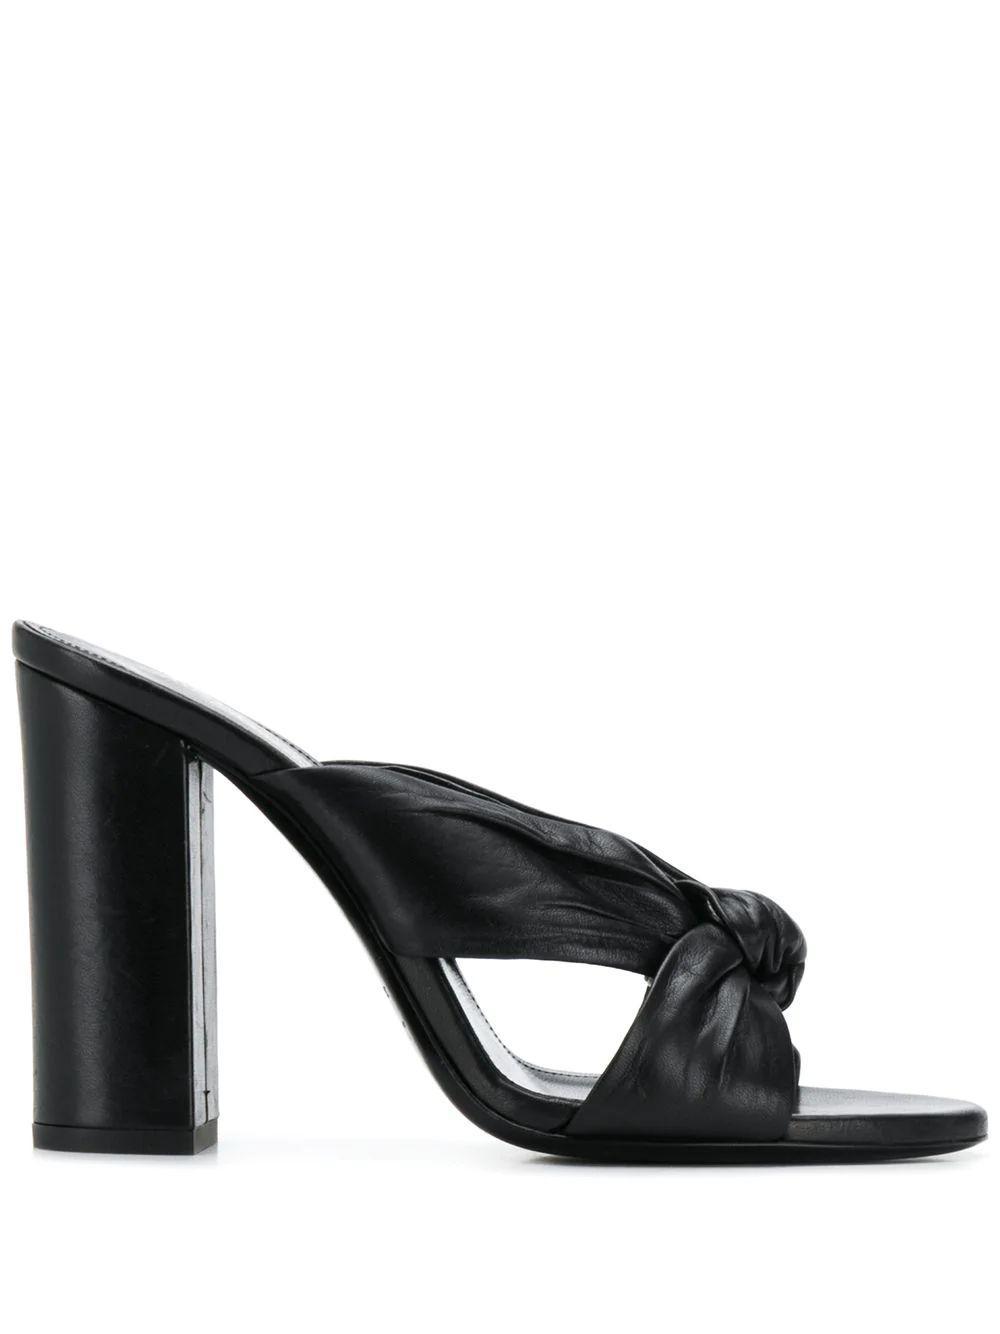 Loulou 100mm Block Heel Mule Sandal Item # 6085361N800